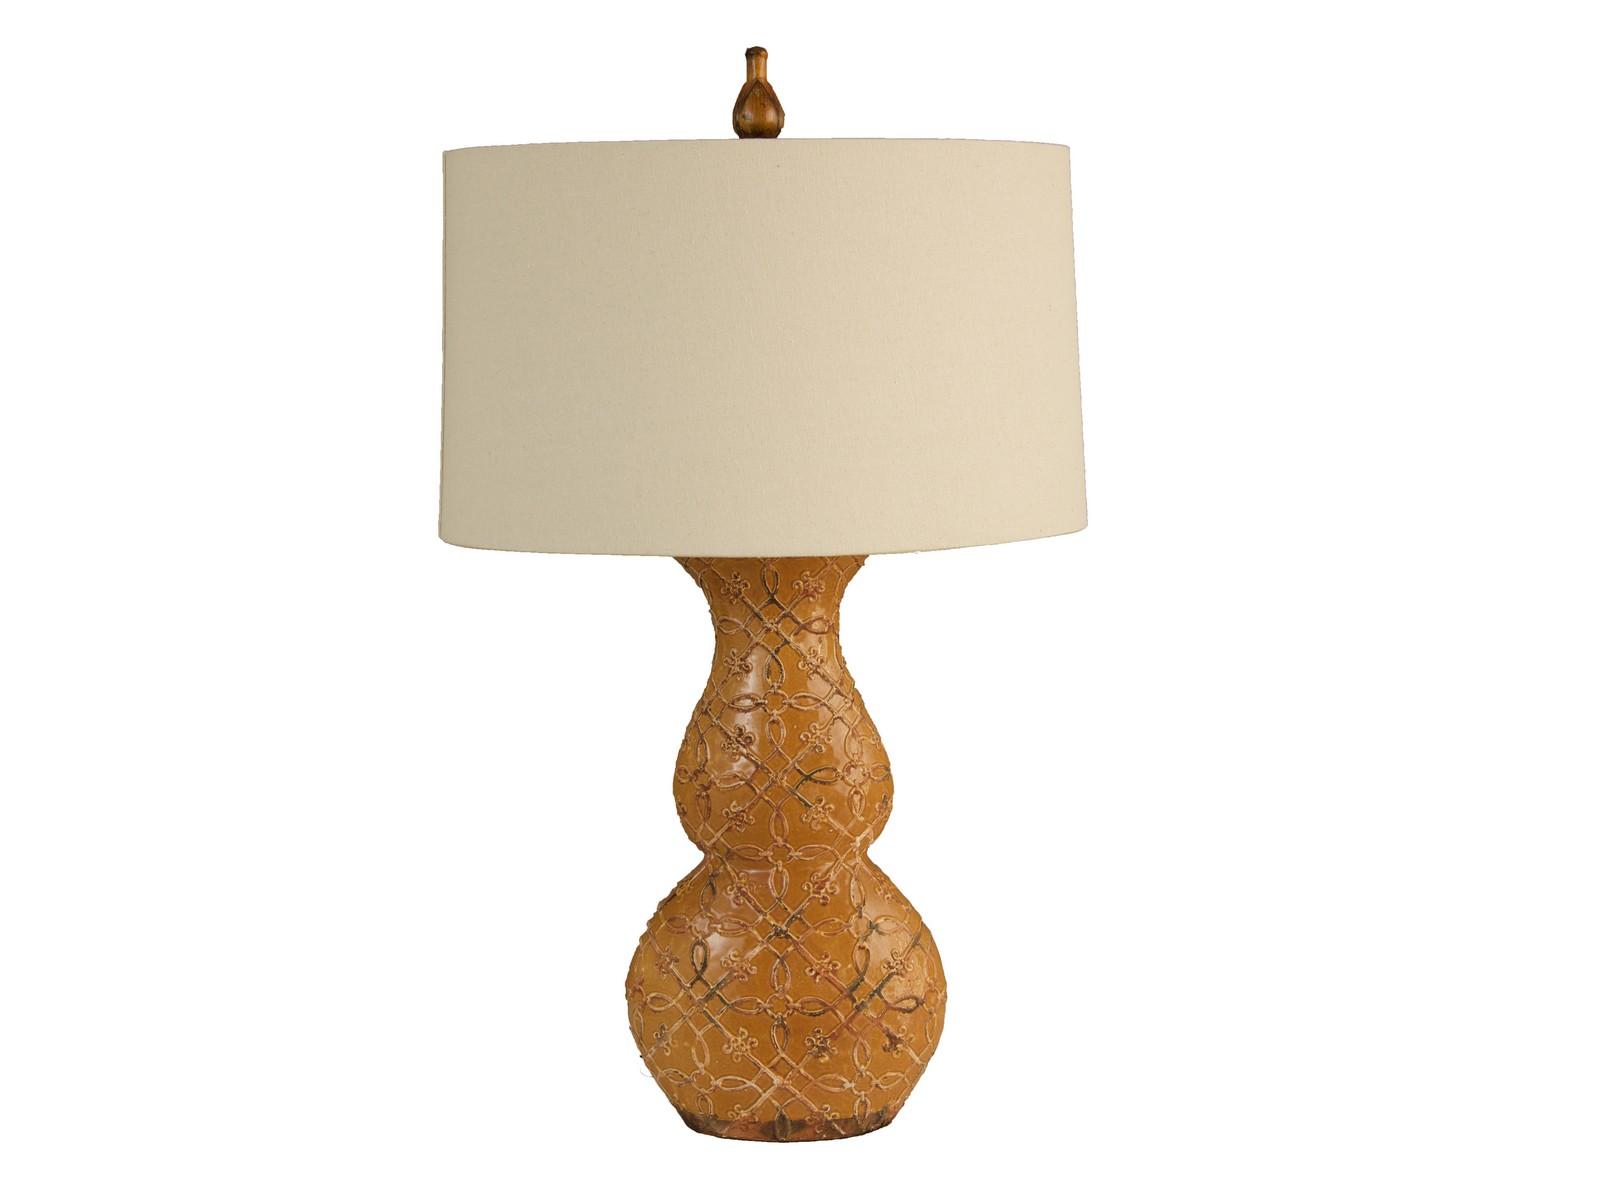 Настольная лампа TortaДекоративные лампы<br>&amp;lt;div&amp;gt;Вид цоколя: Е27&amp;lt;/div&amp;gt;&amp;lt;div&amp;gt;Мощность лампы: 60W&amp;lt;/div&amp;gt;&amp;lt;div&amp;gt;Количество ламп: 1&amp;lt;/div&amp;gt;&amp;lt;div&amp;gt;Наличие ламп: нет&amp;lt;/div&amp;gt;<br><br>Material: Керамика<br>Height см: 82,5<br>Diameter см: 46